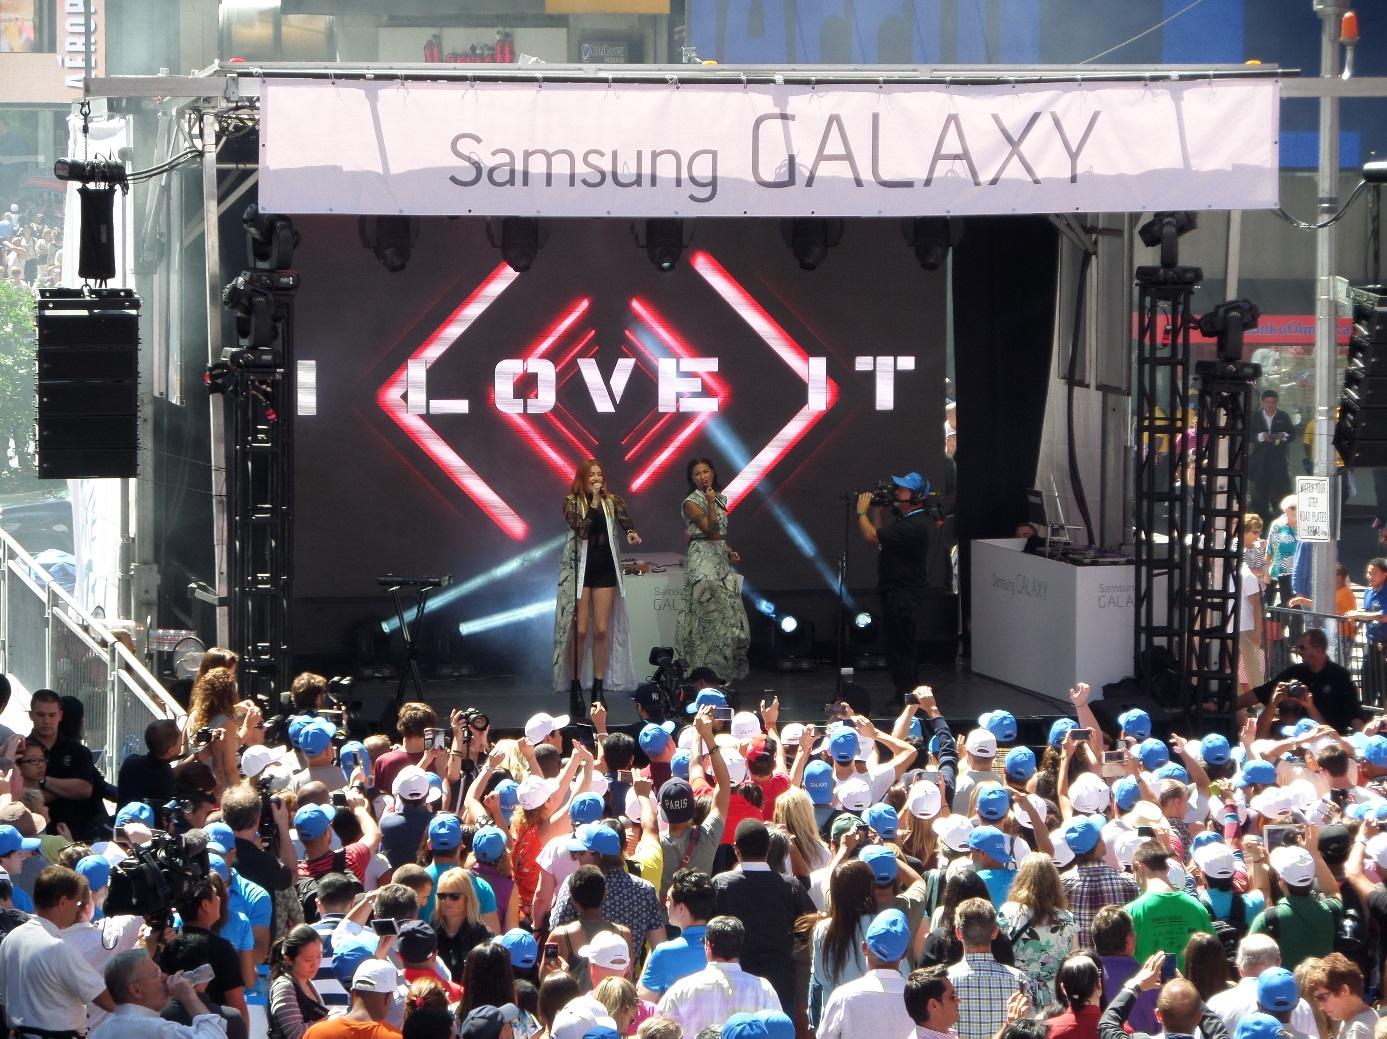 삼성 언팩 뉴욕 생중계 현장에서 아이코나팝이 공연을 하고 있습니다.